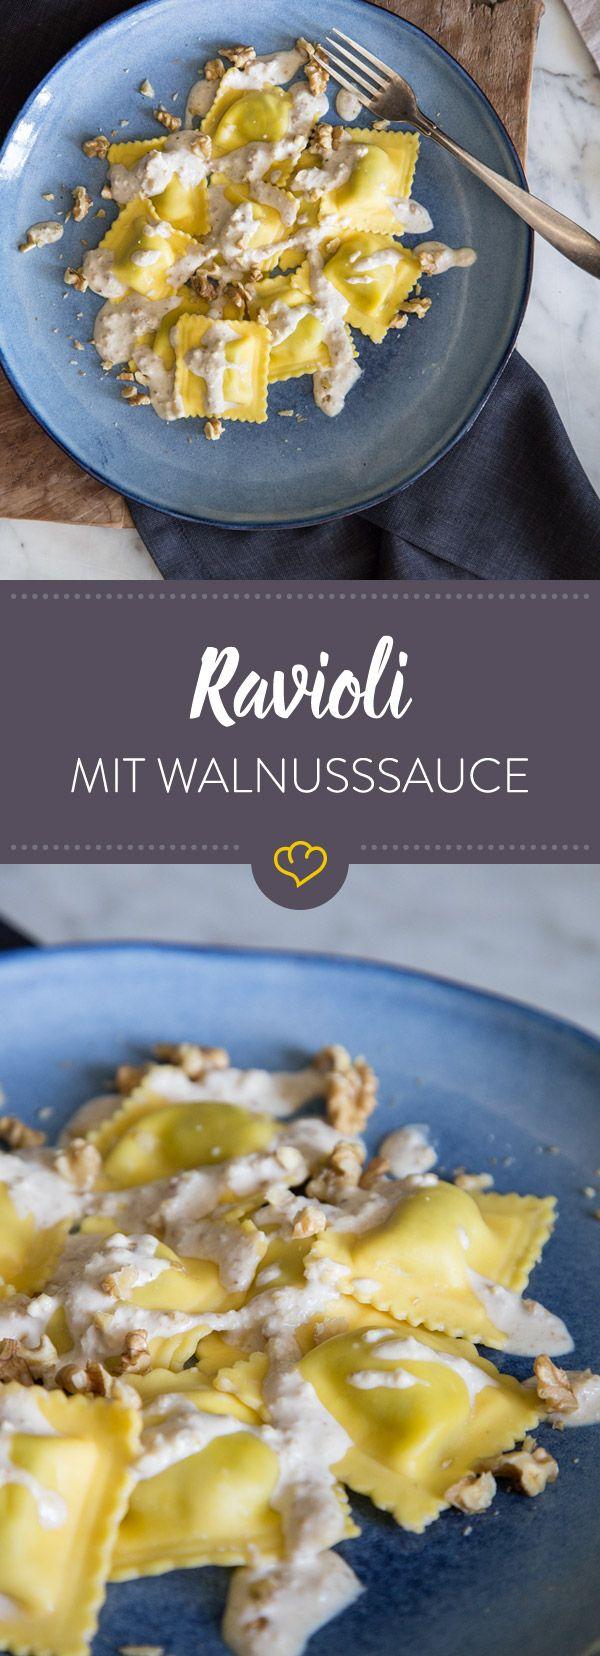 Die Walnusssauce kommt aus der italienischen Region Ligurien und ist dort genauso beliebt wie das Pesto und zusammen mit Ravioli, einfach köstlich!